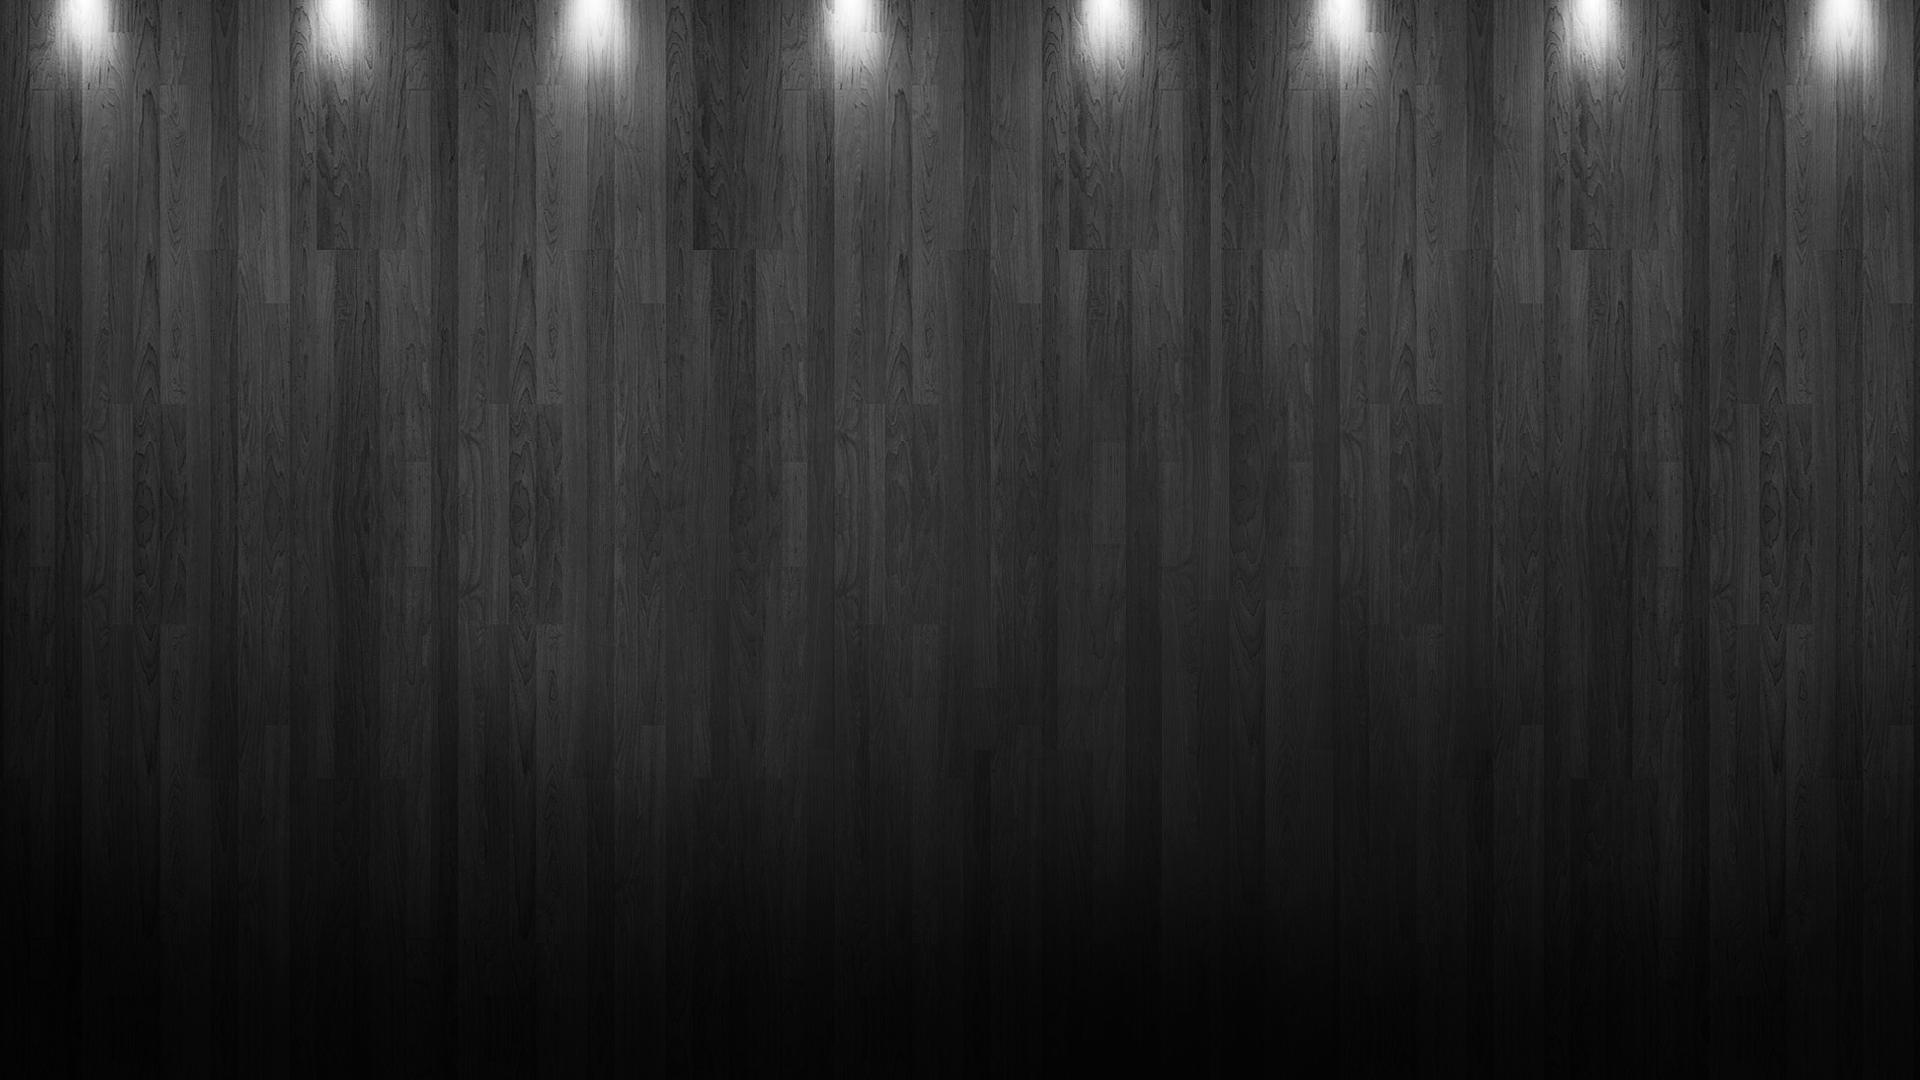 Download Black Elegant Backgrounds Free Pixelstalknet